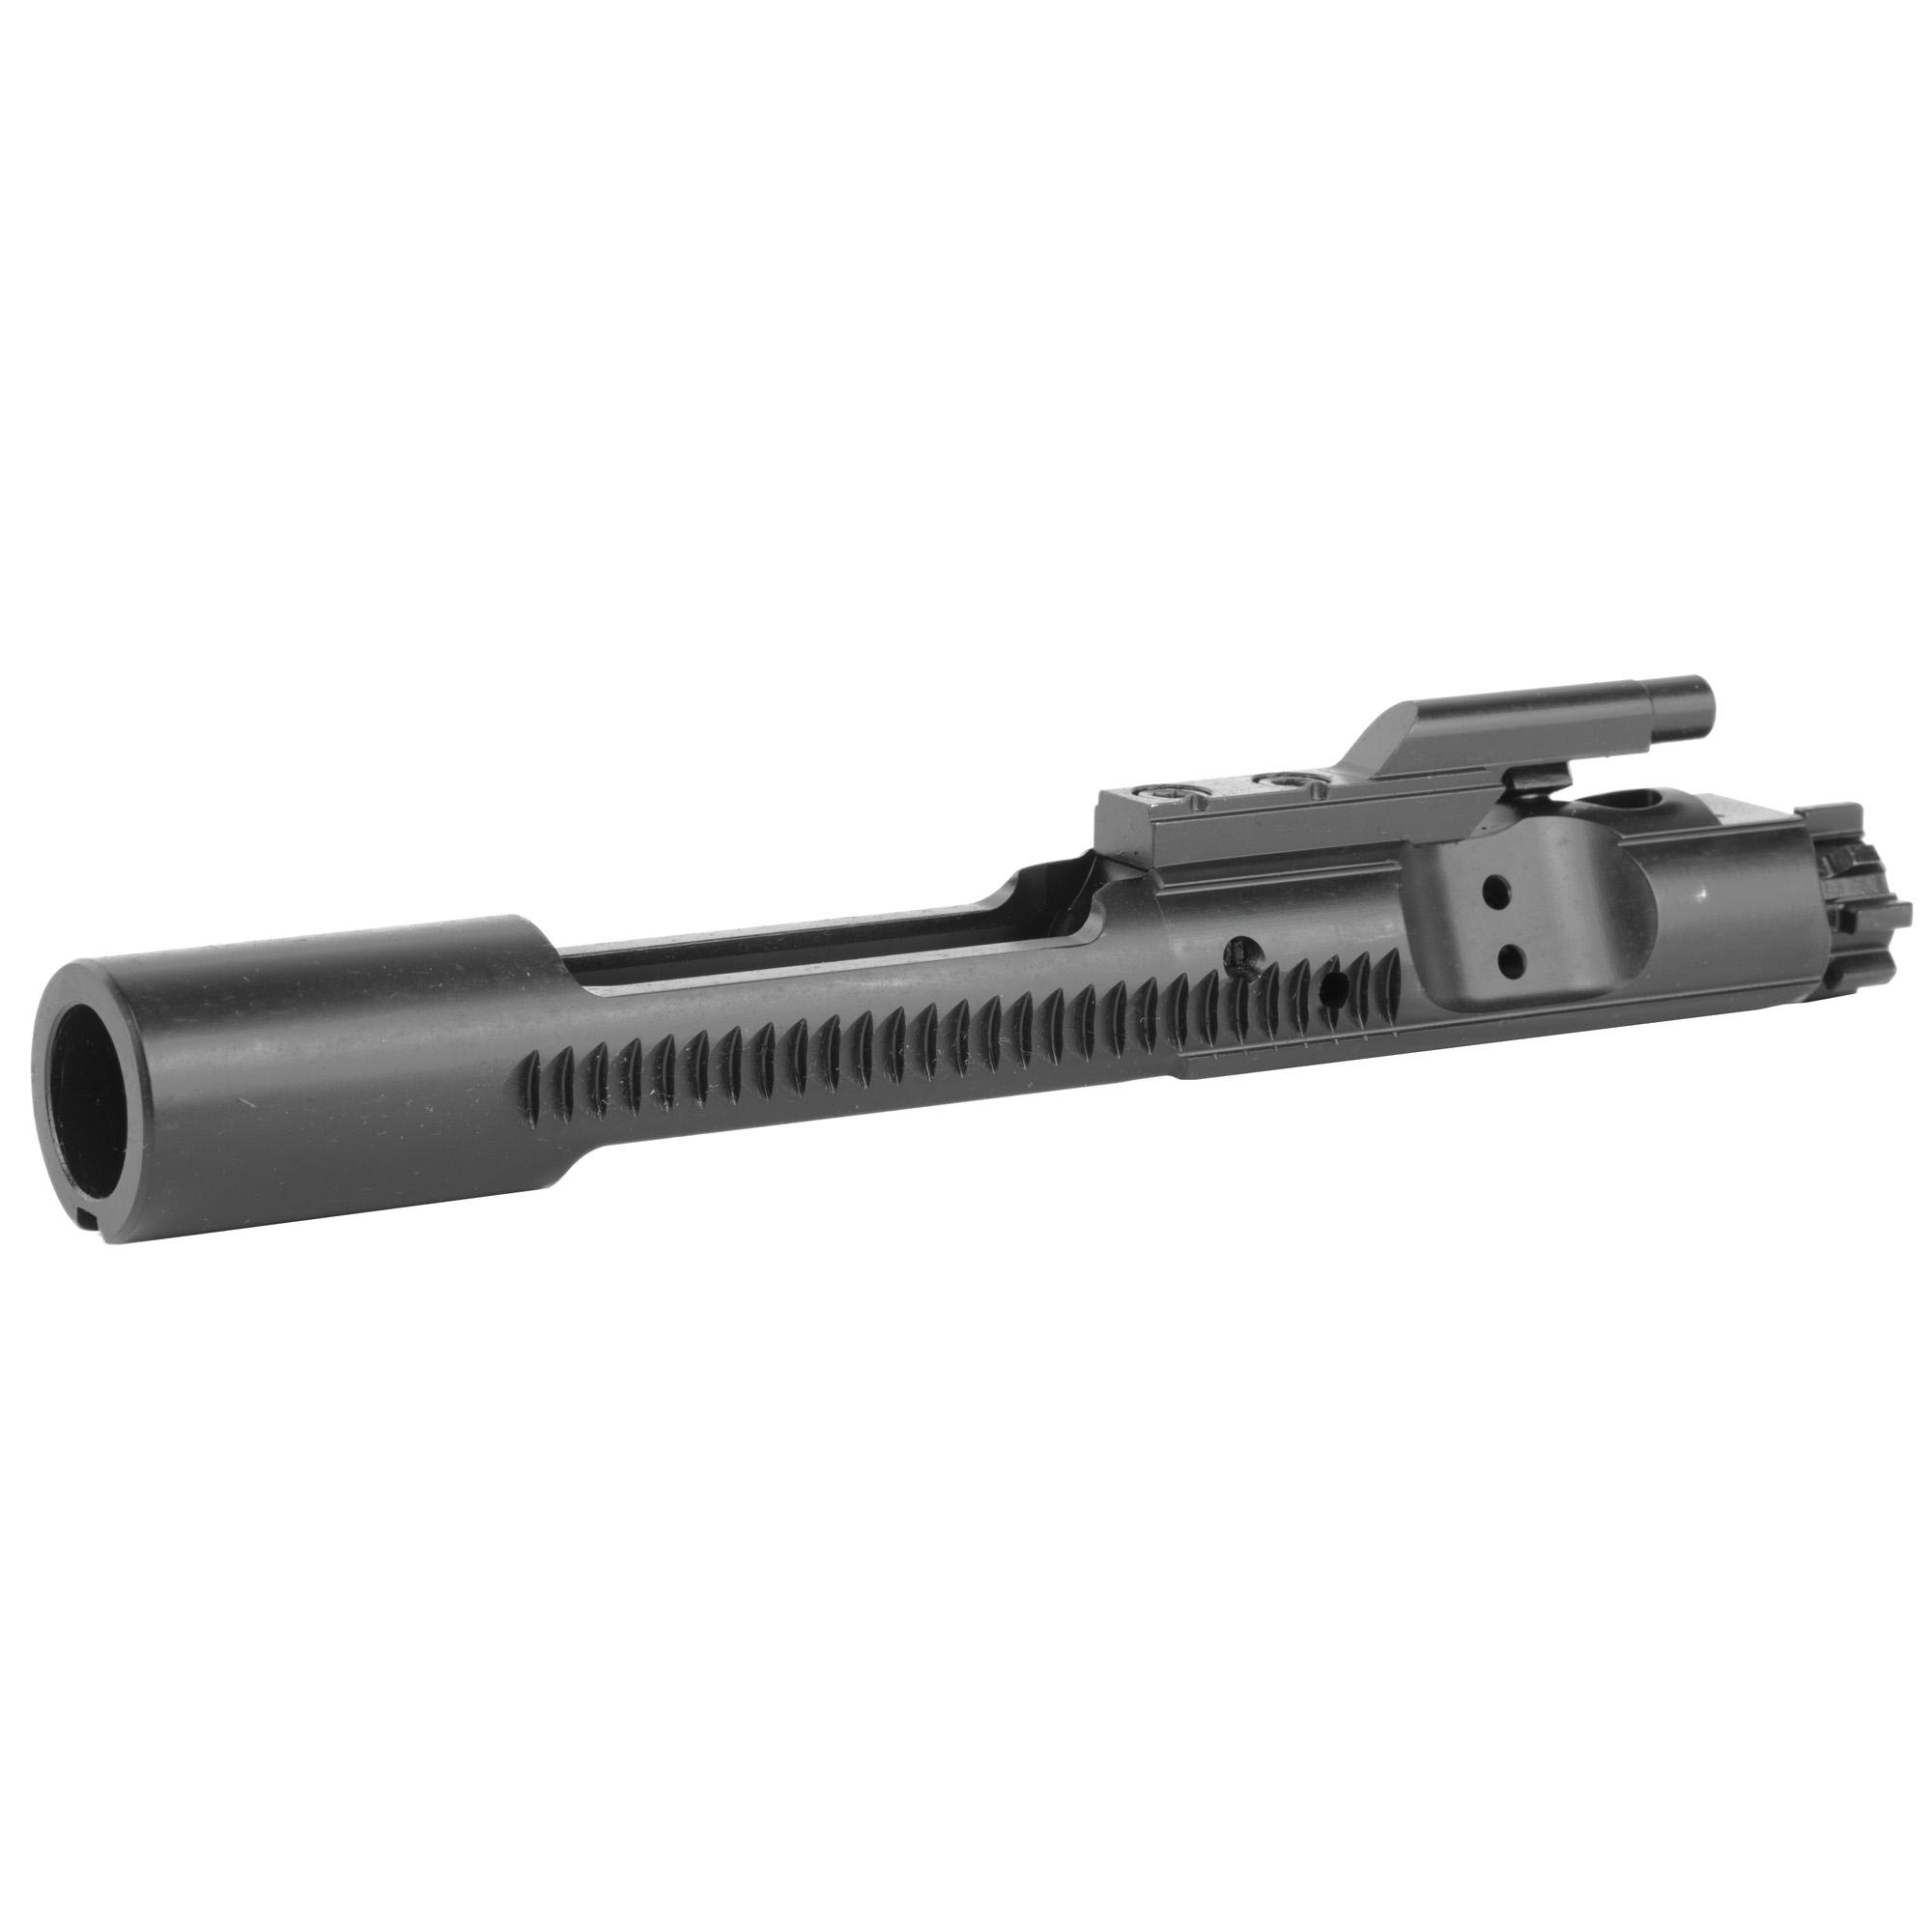 Complete Mil Spec M16 bolt carrier group.